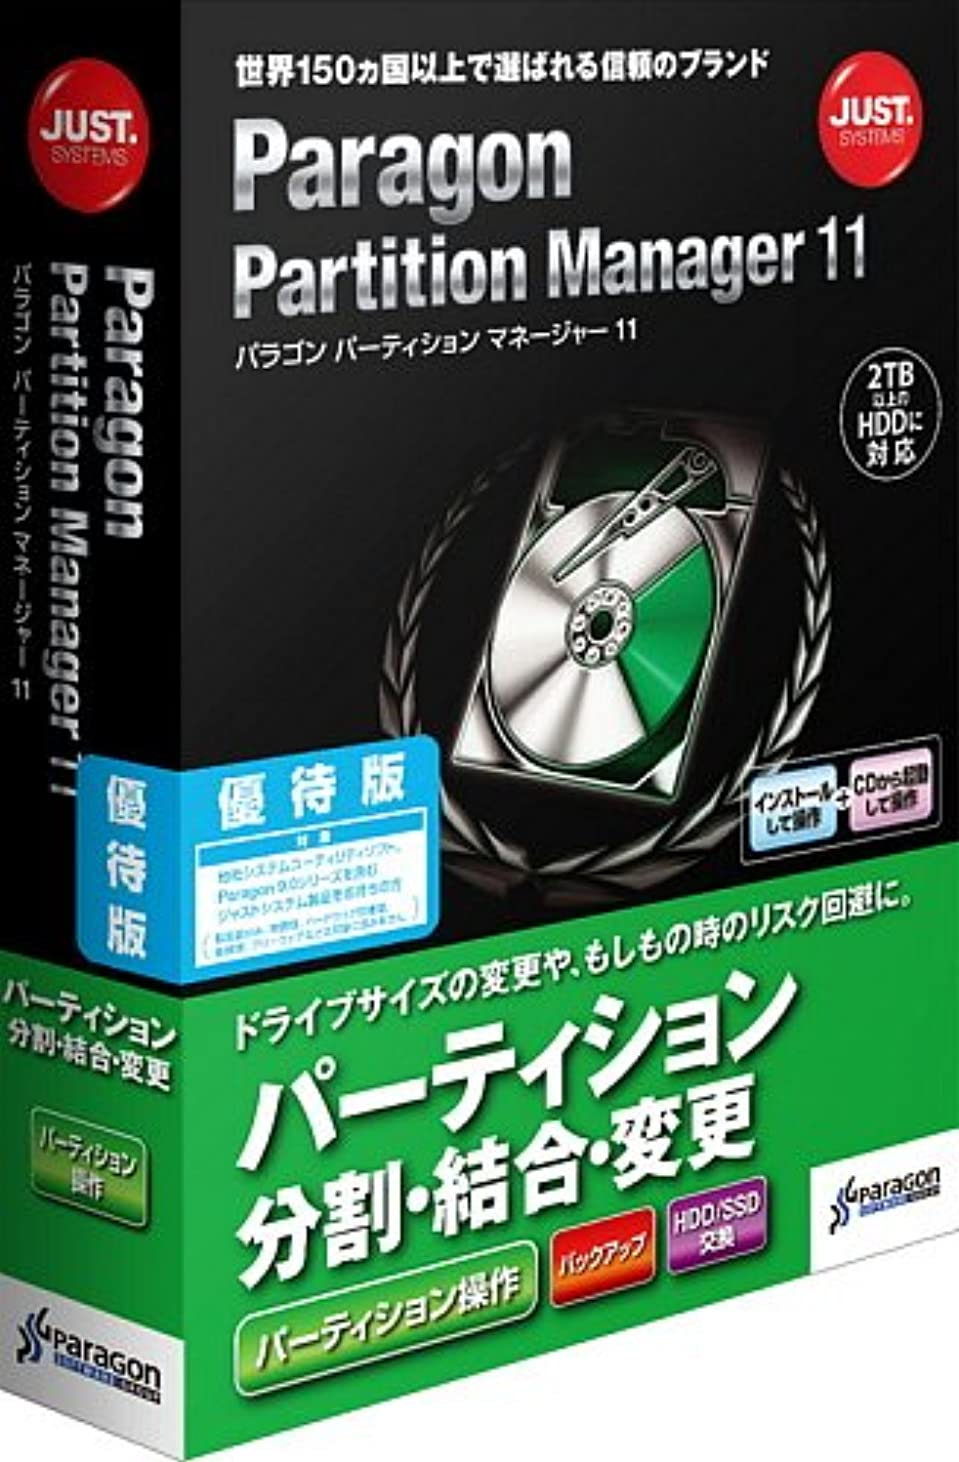 コンチネンタル案件告白するParagon Partition Manager 11 優待版